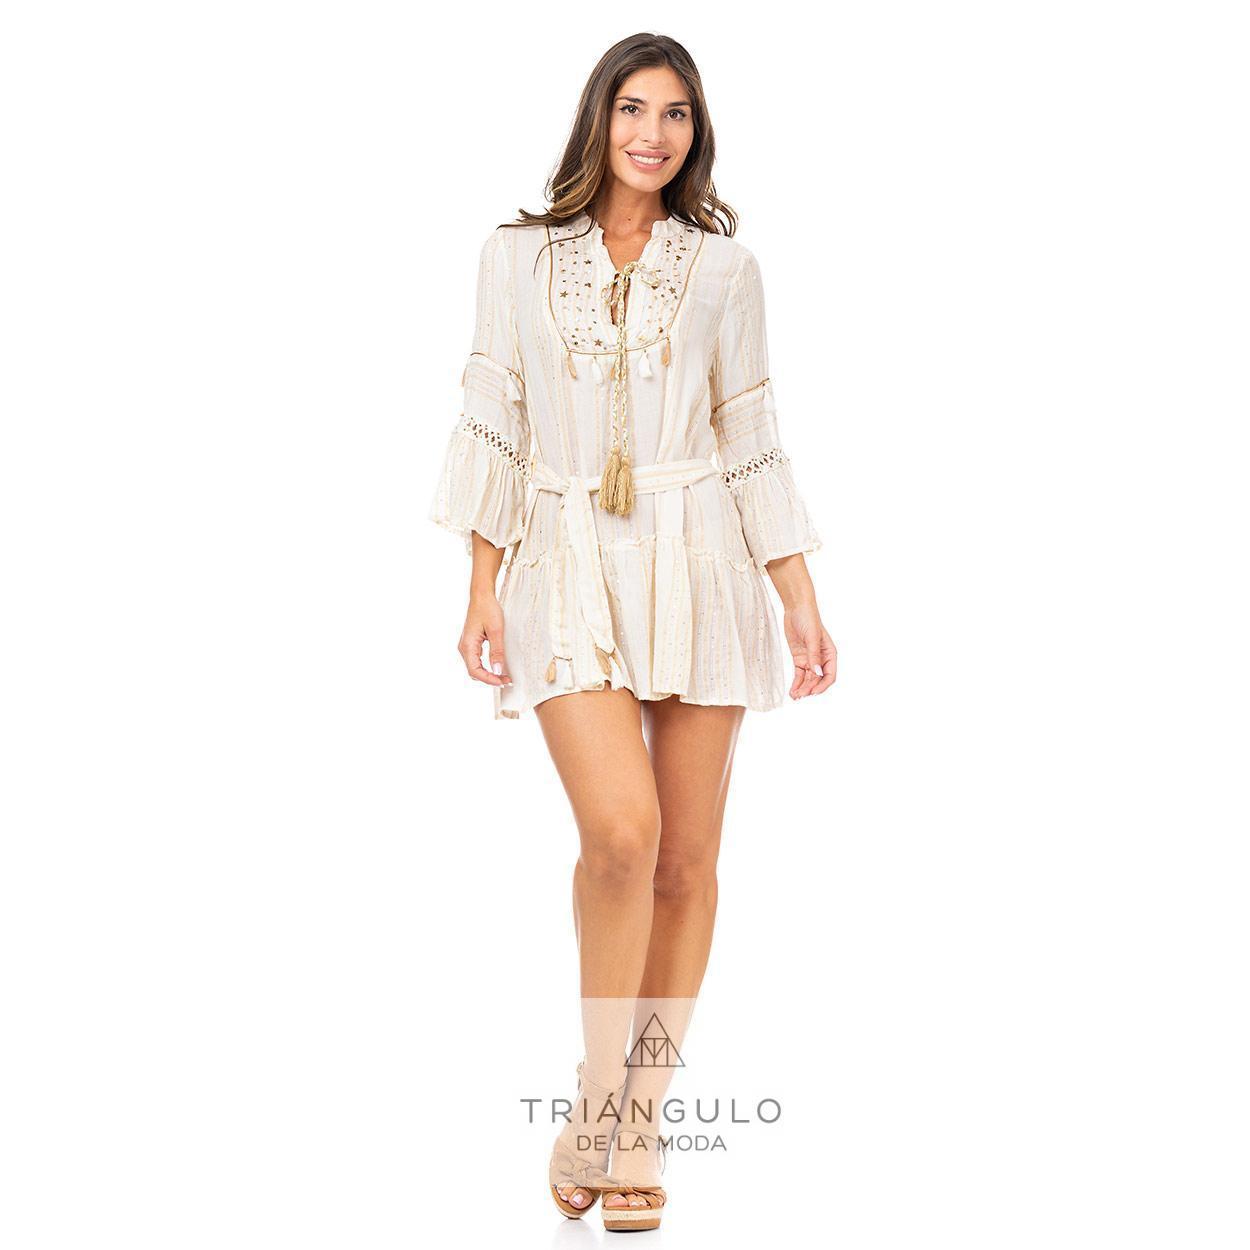 Tienda online del Triangulo de la Moda VESTIDO CORTO BOHO BORDADO ESTRELLAS